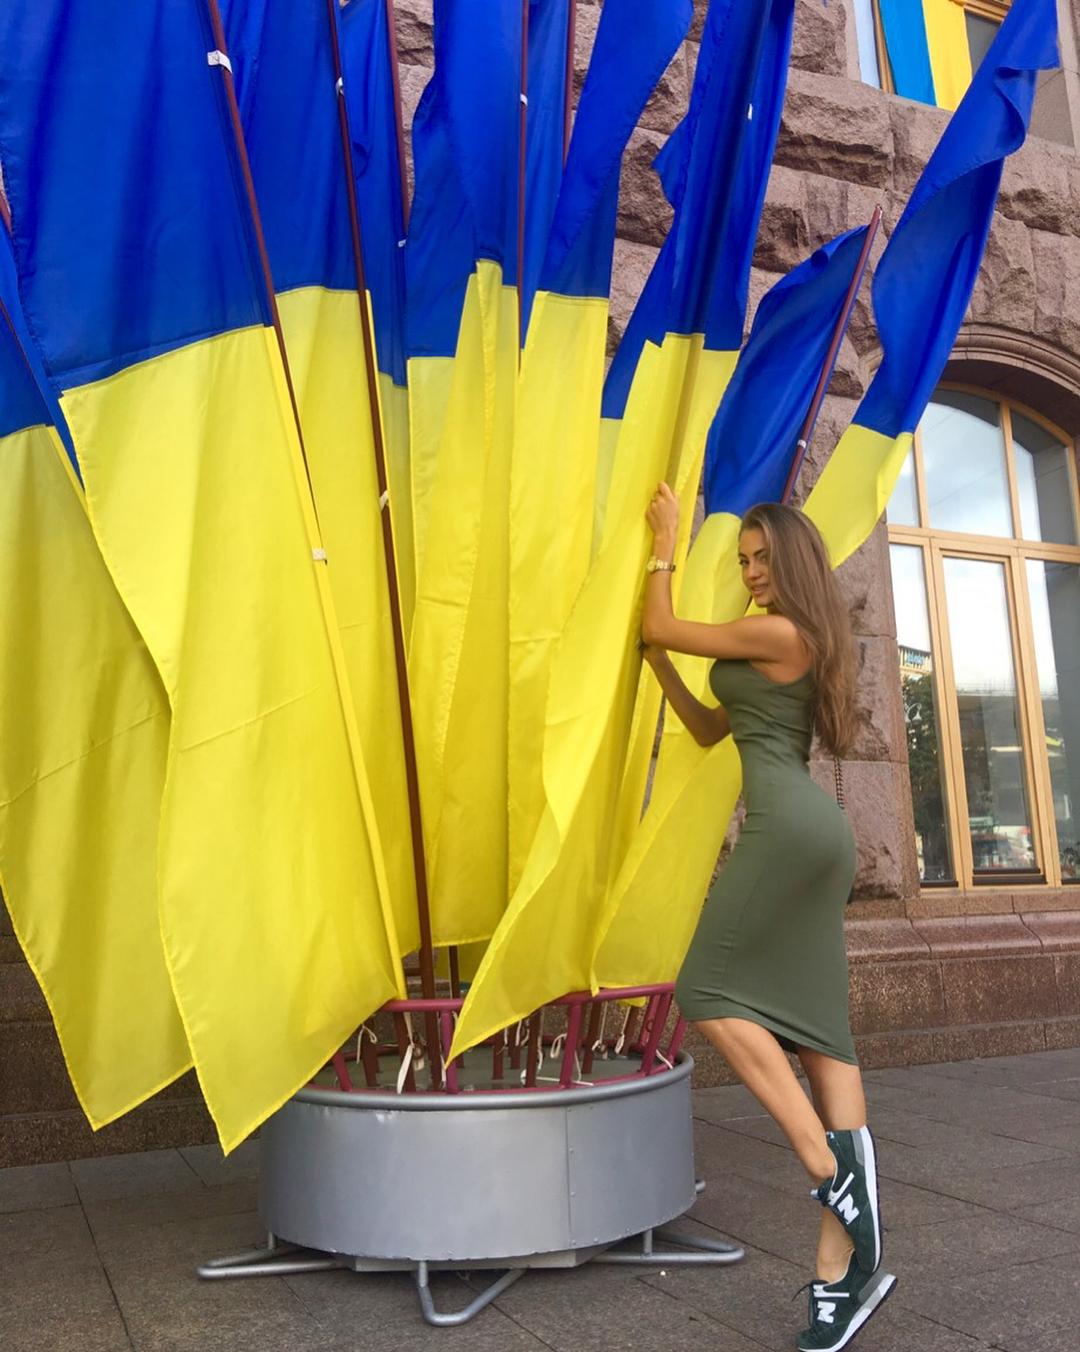 Была очень удивлена, насколько людям не безразлична Судьба Украины!!! Даже будучи не в стране, они идут голосовать